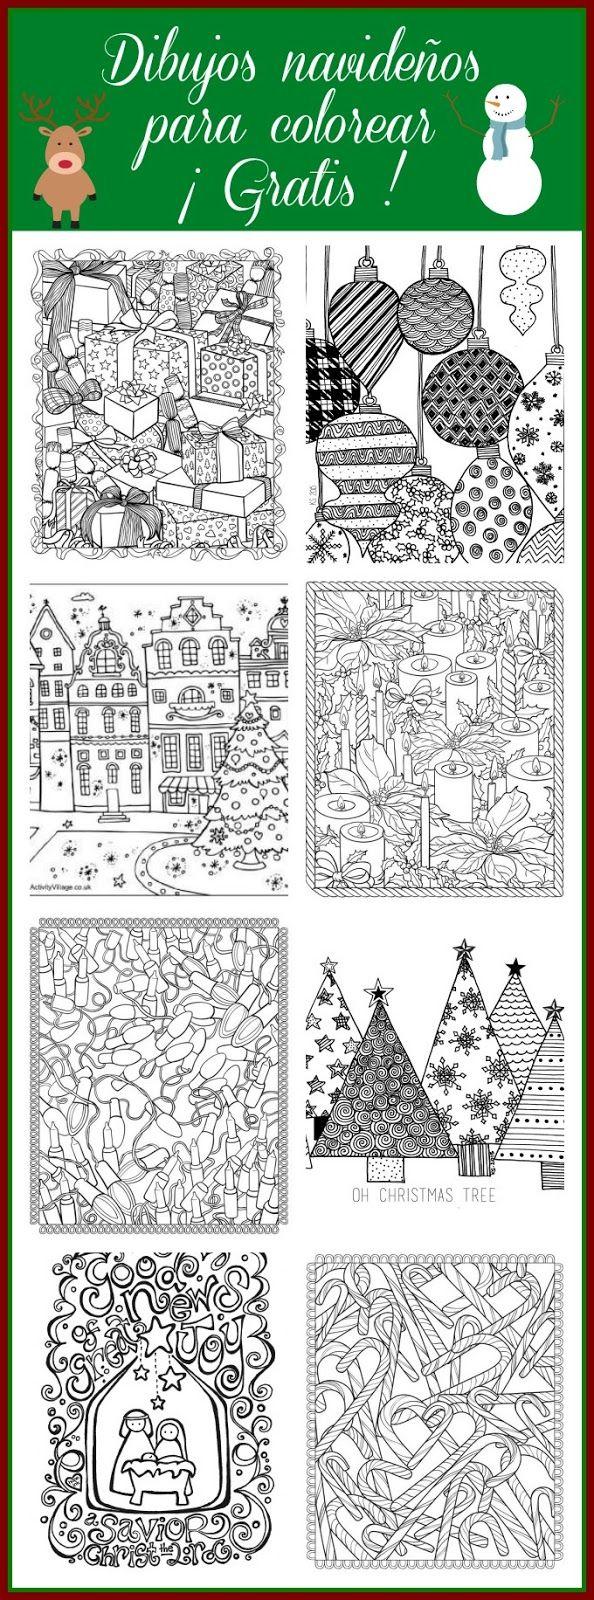 10 Dibujos navideños para colorear Colores de navidad